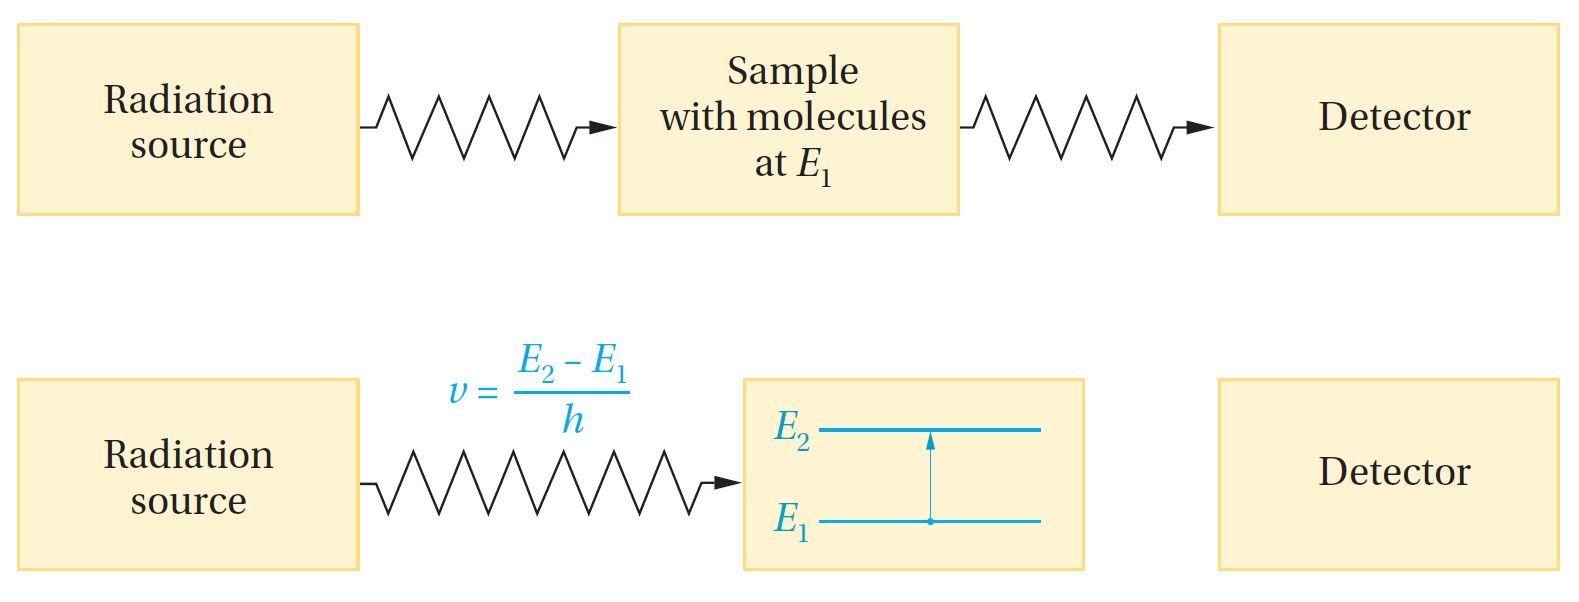 التحليل الطيفي و تحديد البنية الكيميائية - مطيافية الرنين النووي المغناطيسي NMR